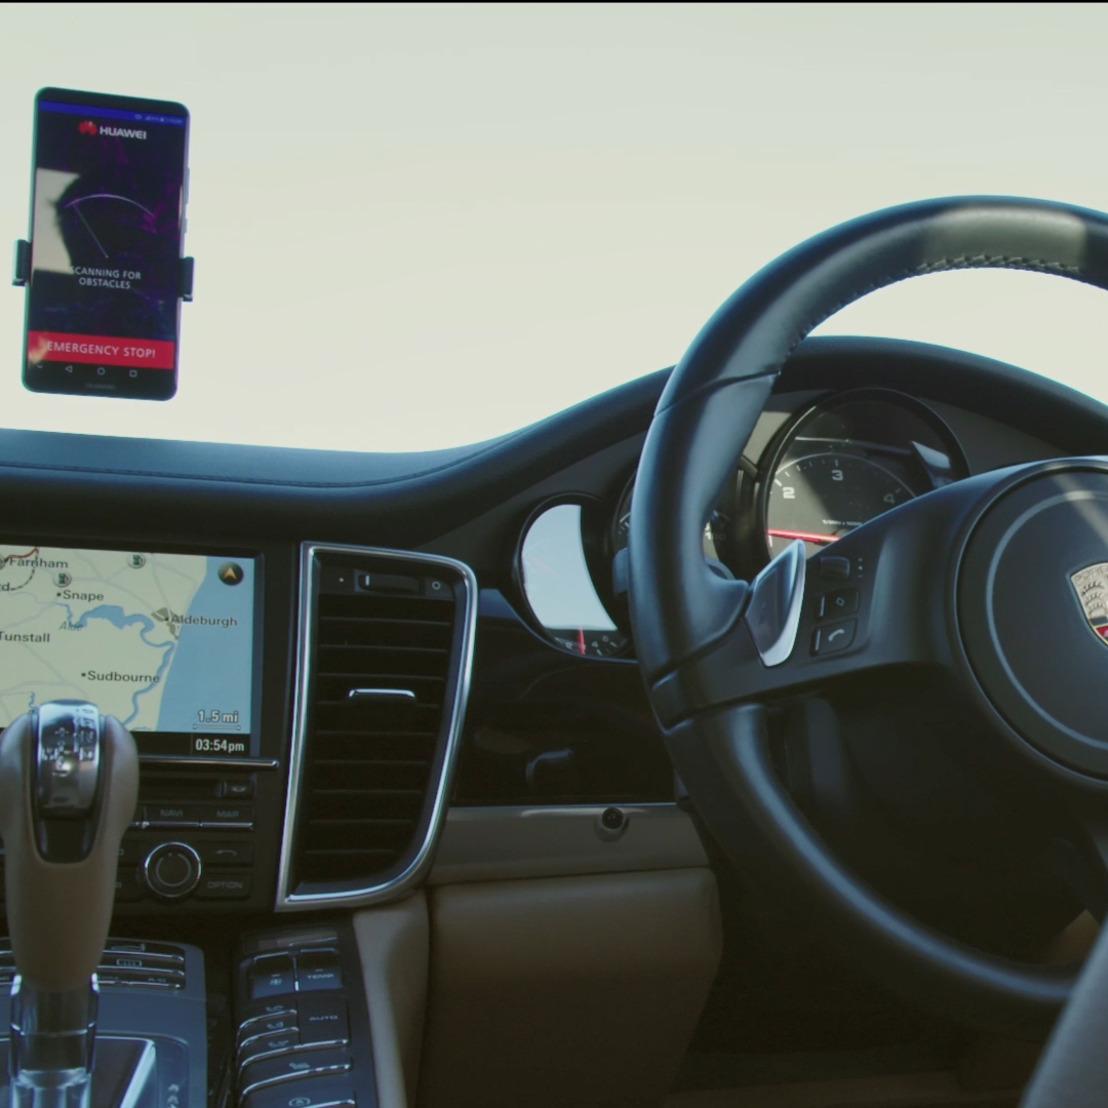 Huawei onthult eerste zelfrijdende auto die door AI-smartphonetechnologie zijn omgeving begrijpt